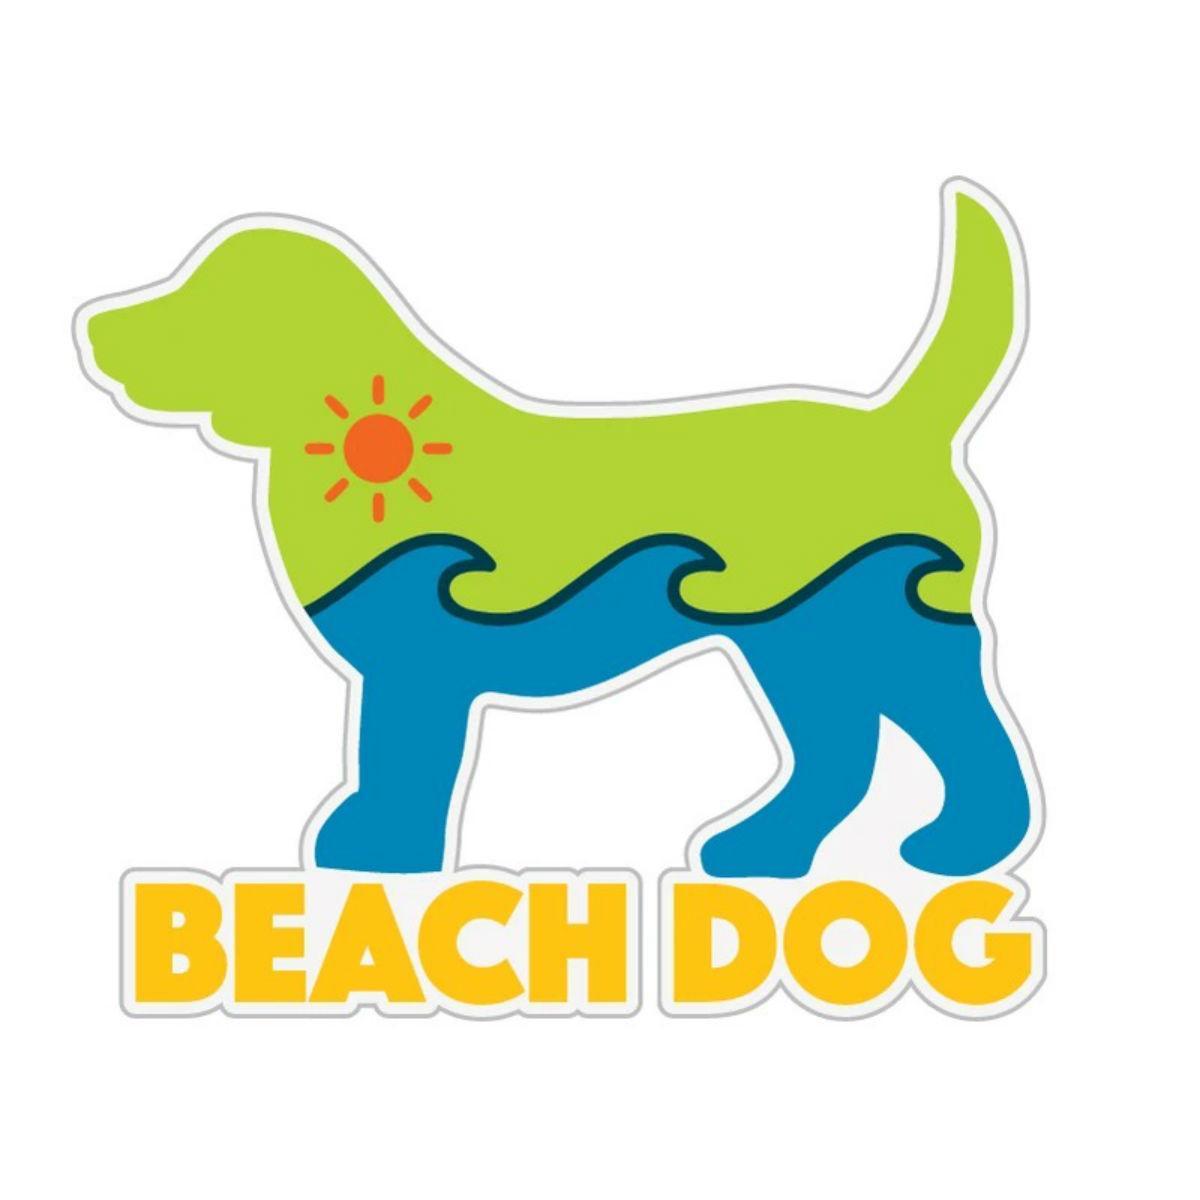 Beach Dog Sticker by Dog Speak